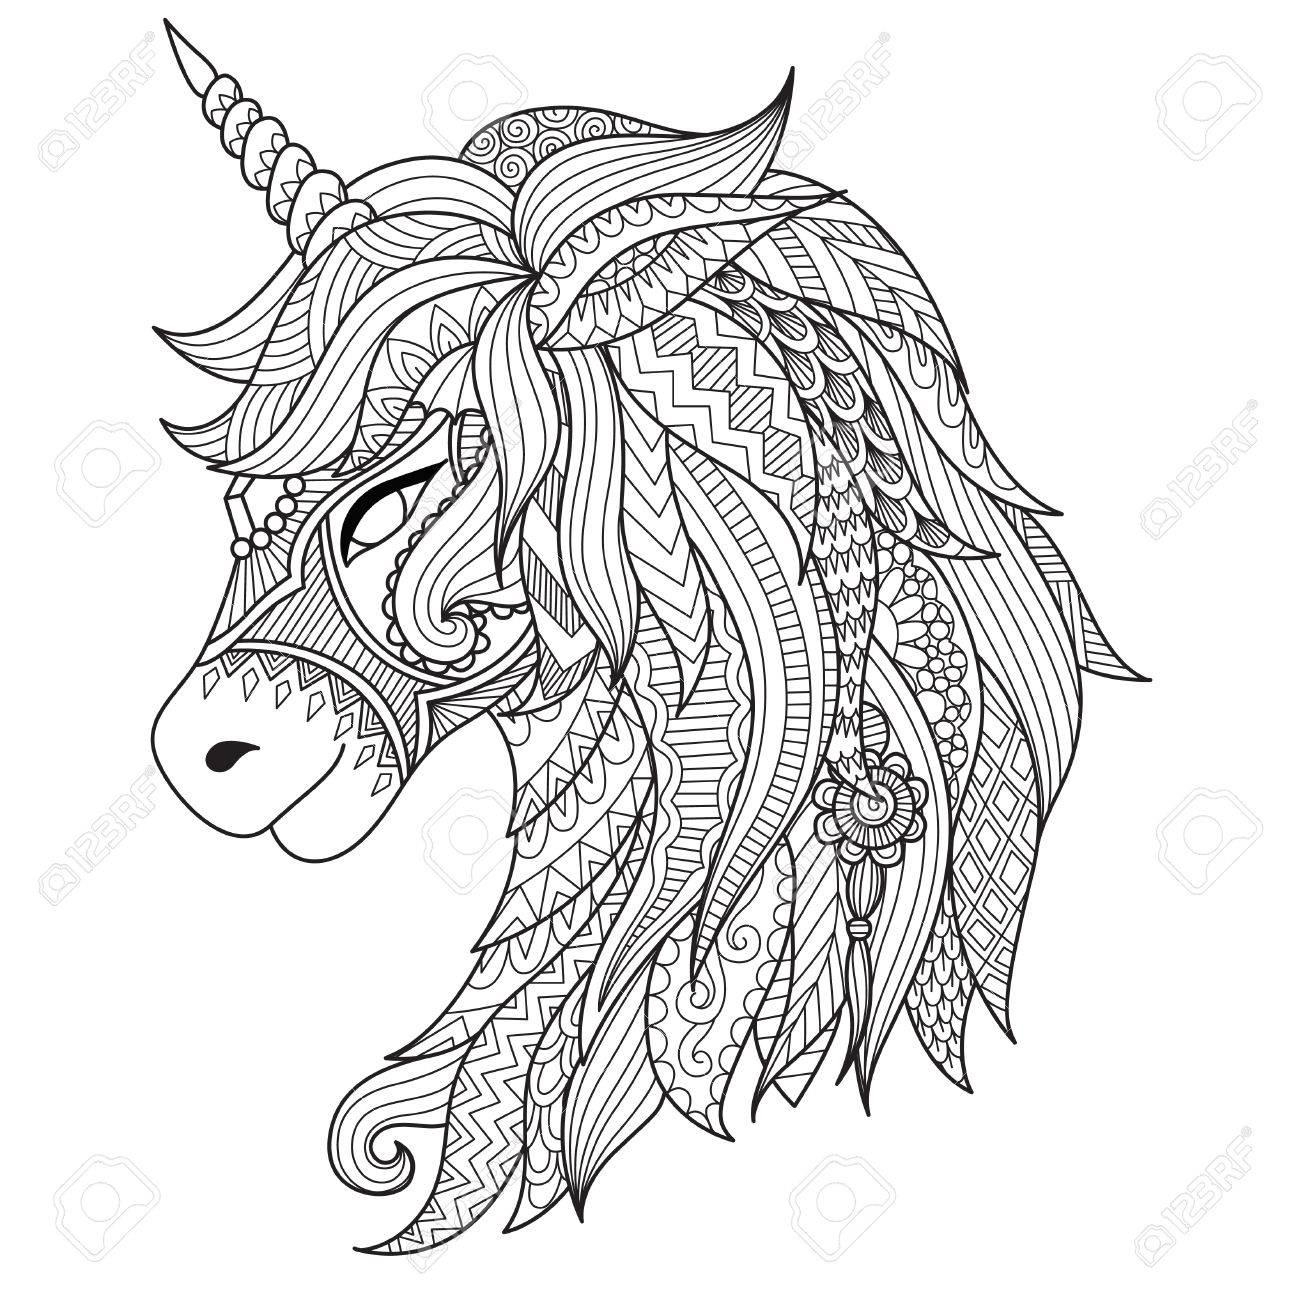 Dibujo Estilo Del Zentangle Unicornio Para Colorear Tatuaje Diseño